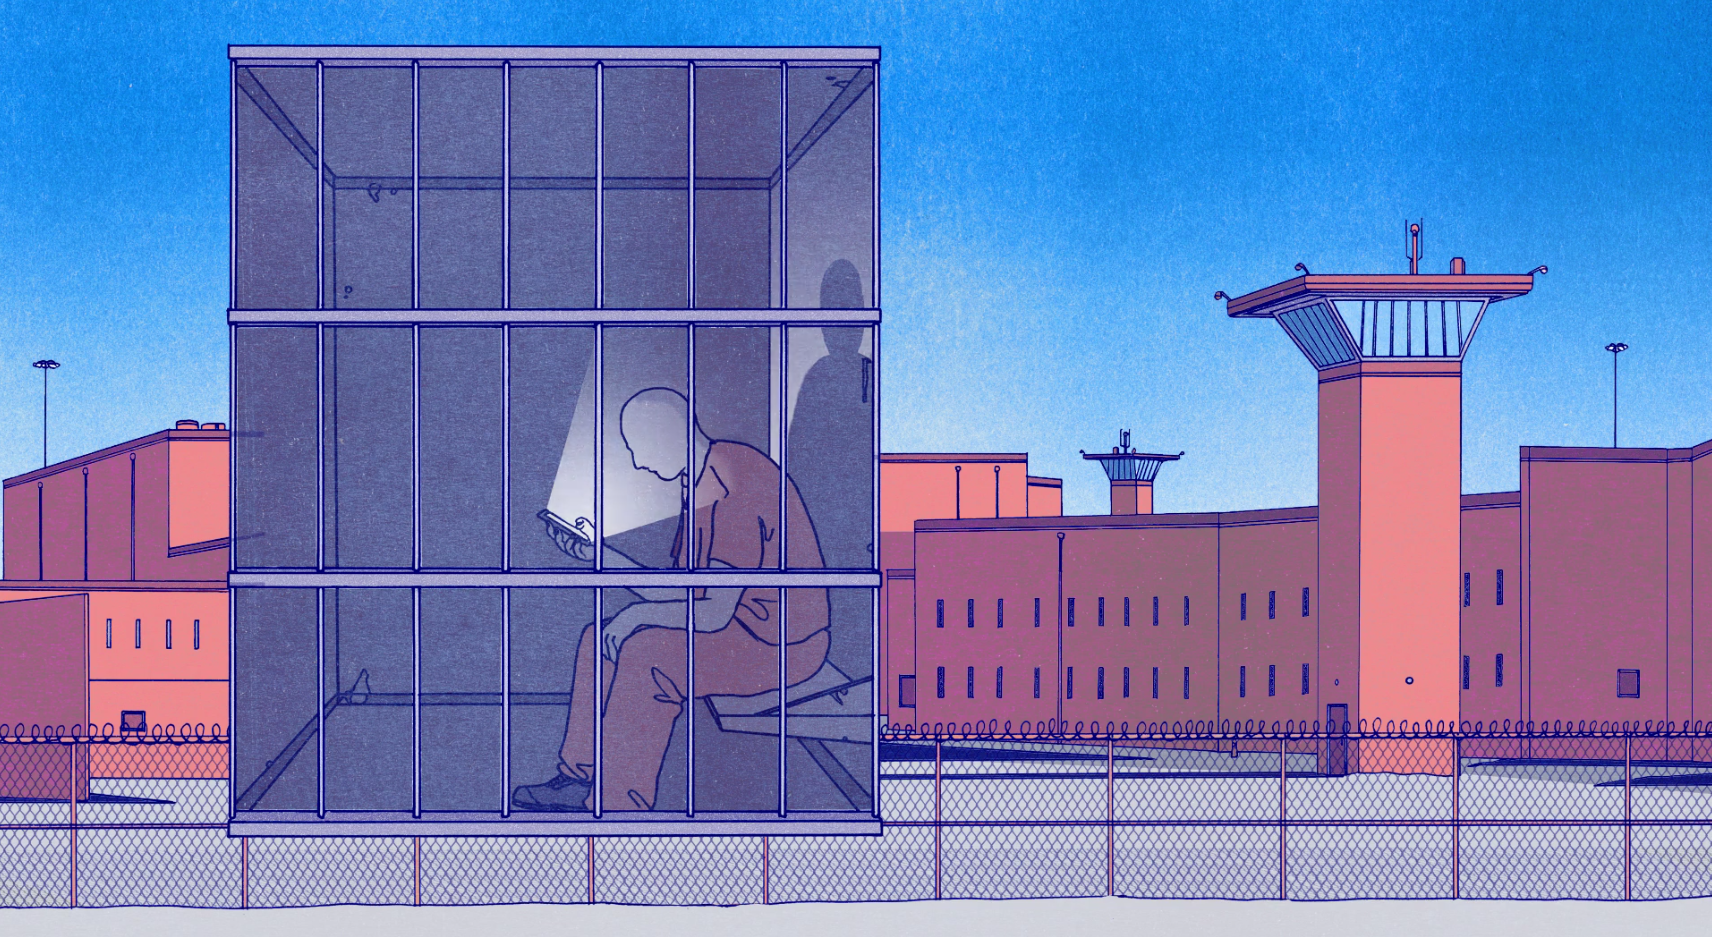 Как компании зарабатывают миллионы на переписке заключенных с близкими